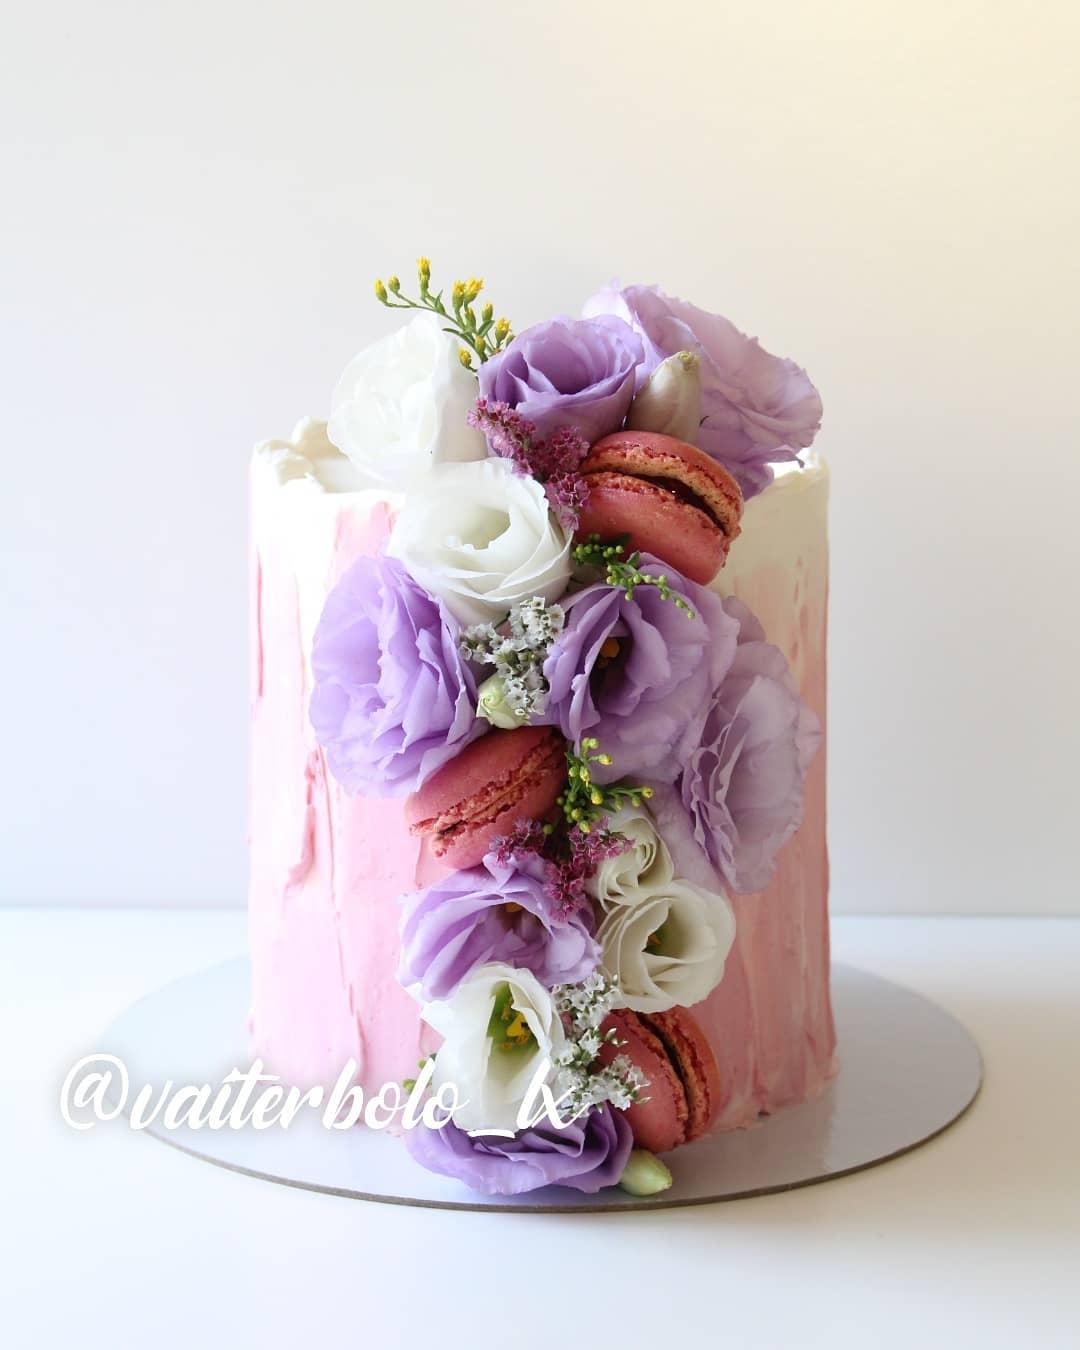 Meu tipo de bolo favorito SEM SOMBRA DE DÚVIDAS! Amo quando vocês me pedem para eu colocar a criatividade para rolar e me pedem bolos com flores. Sou APAIXONADA por eles 🥰Me diz se não são os mais lindos!? ..#vaiterbolohoje #almada #bolodecorado #buttercreamcake #birthdaycake #vaiterbolo #vaiterbolosim #bolo #cake #lisboapontocome #cakeart #lisboafood #buttercream #cakedesign #lisboa #ilovelisboa #cakedecorating #vaiterbololindo